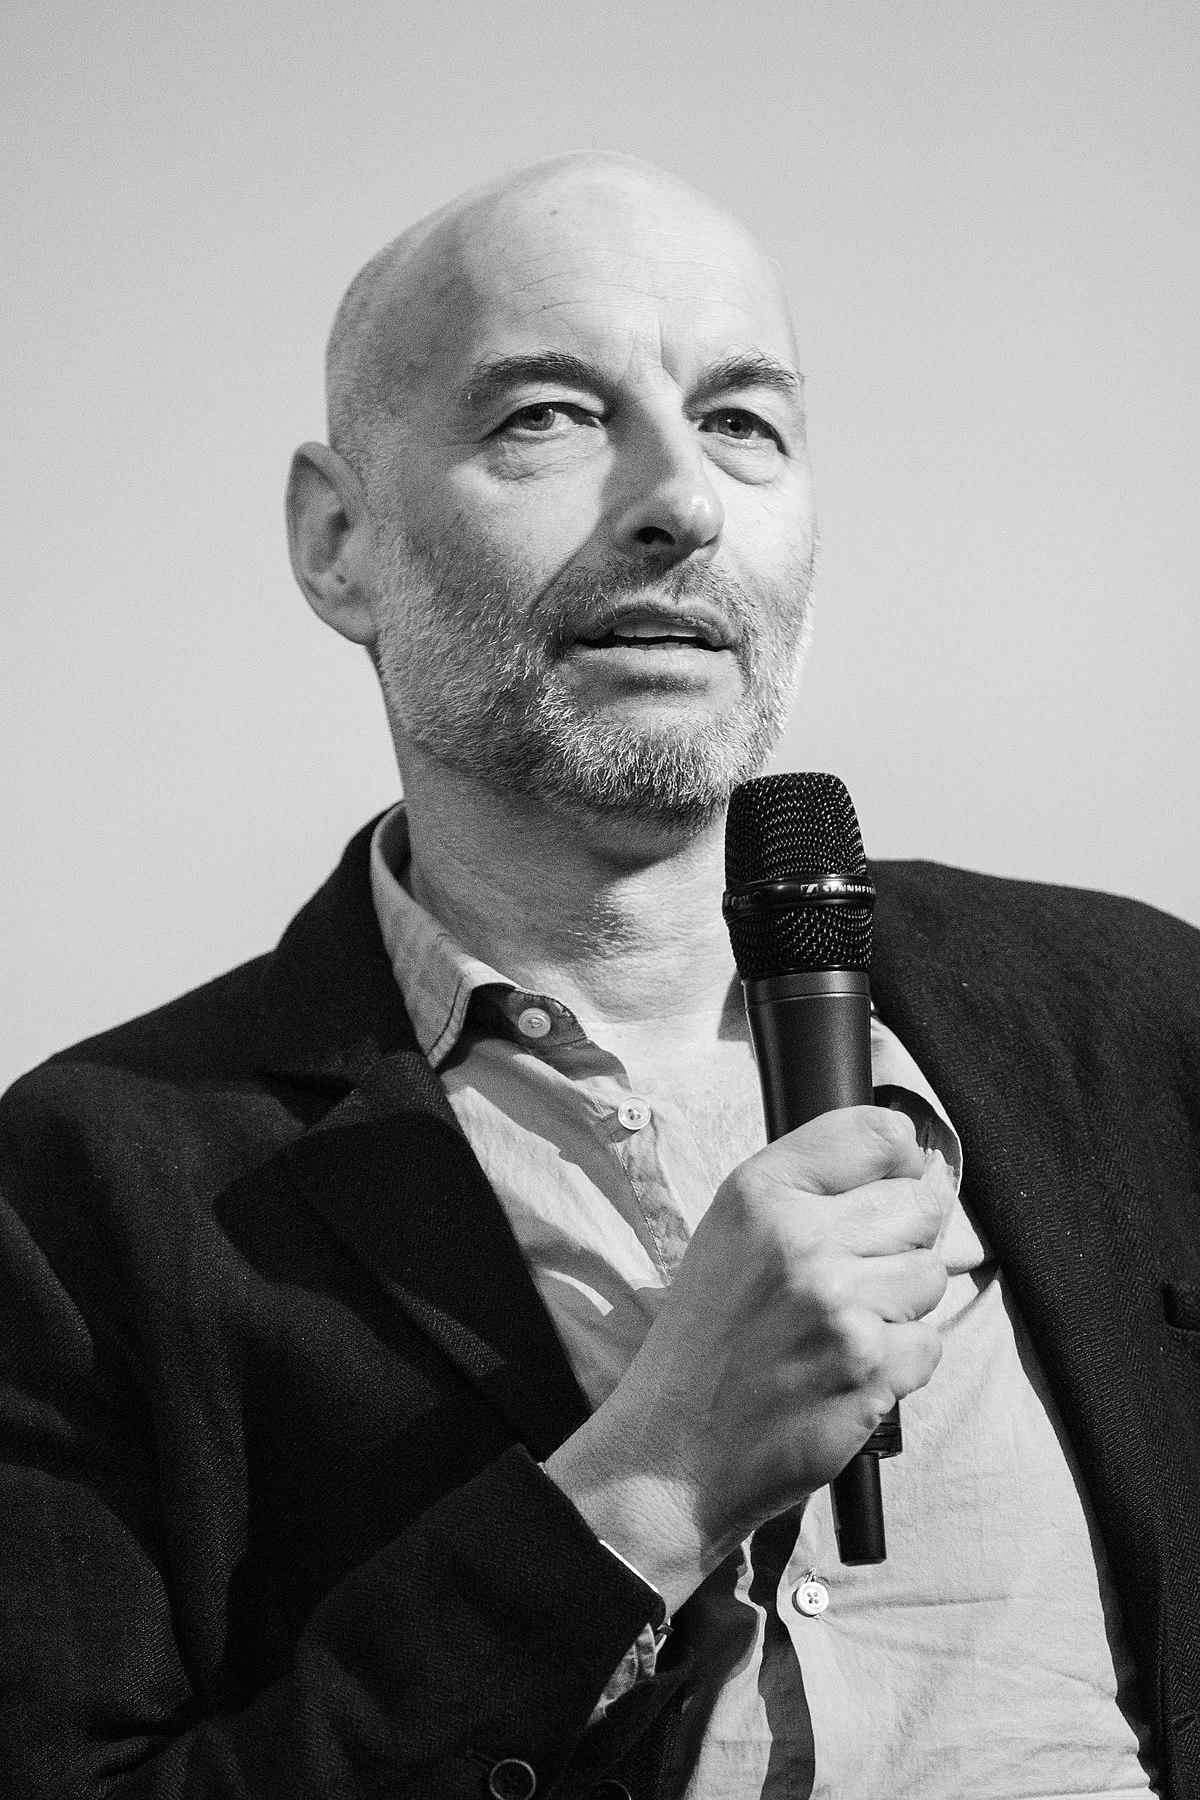 Andreas Kleinert